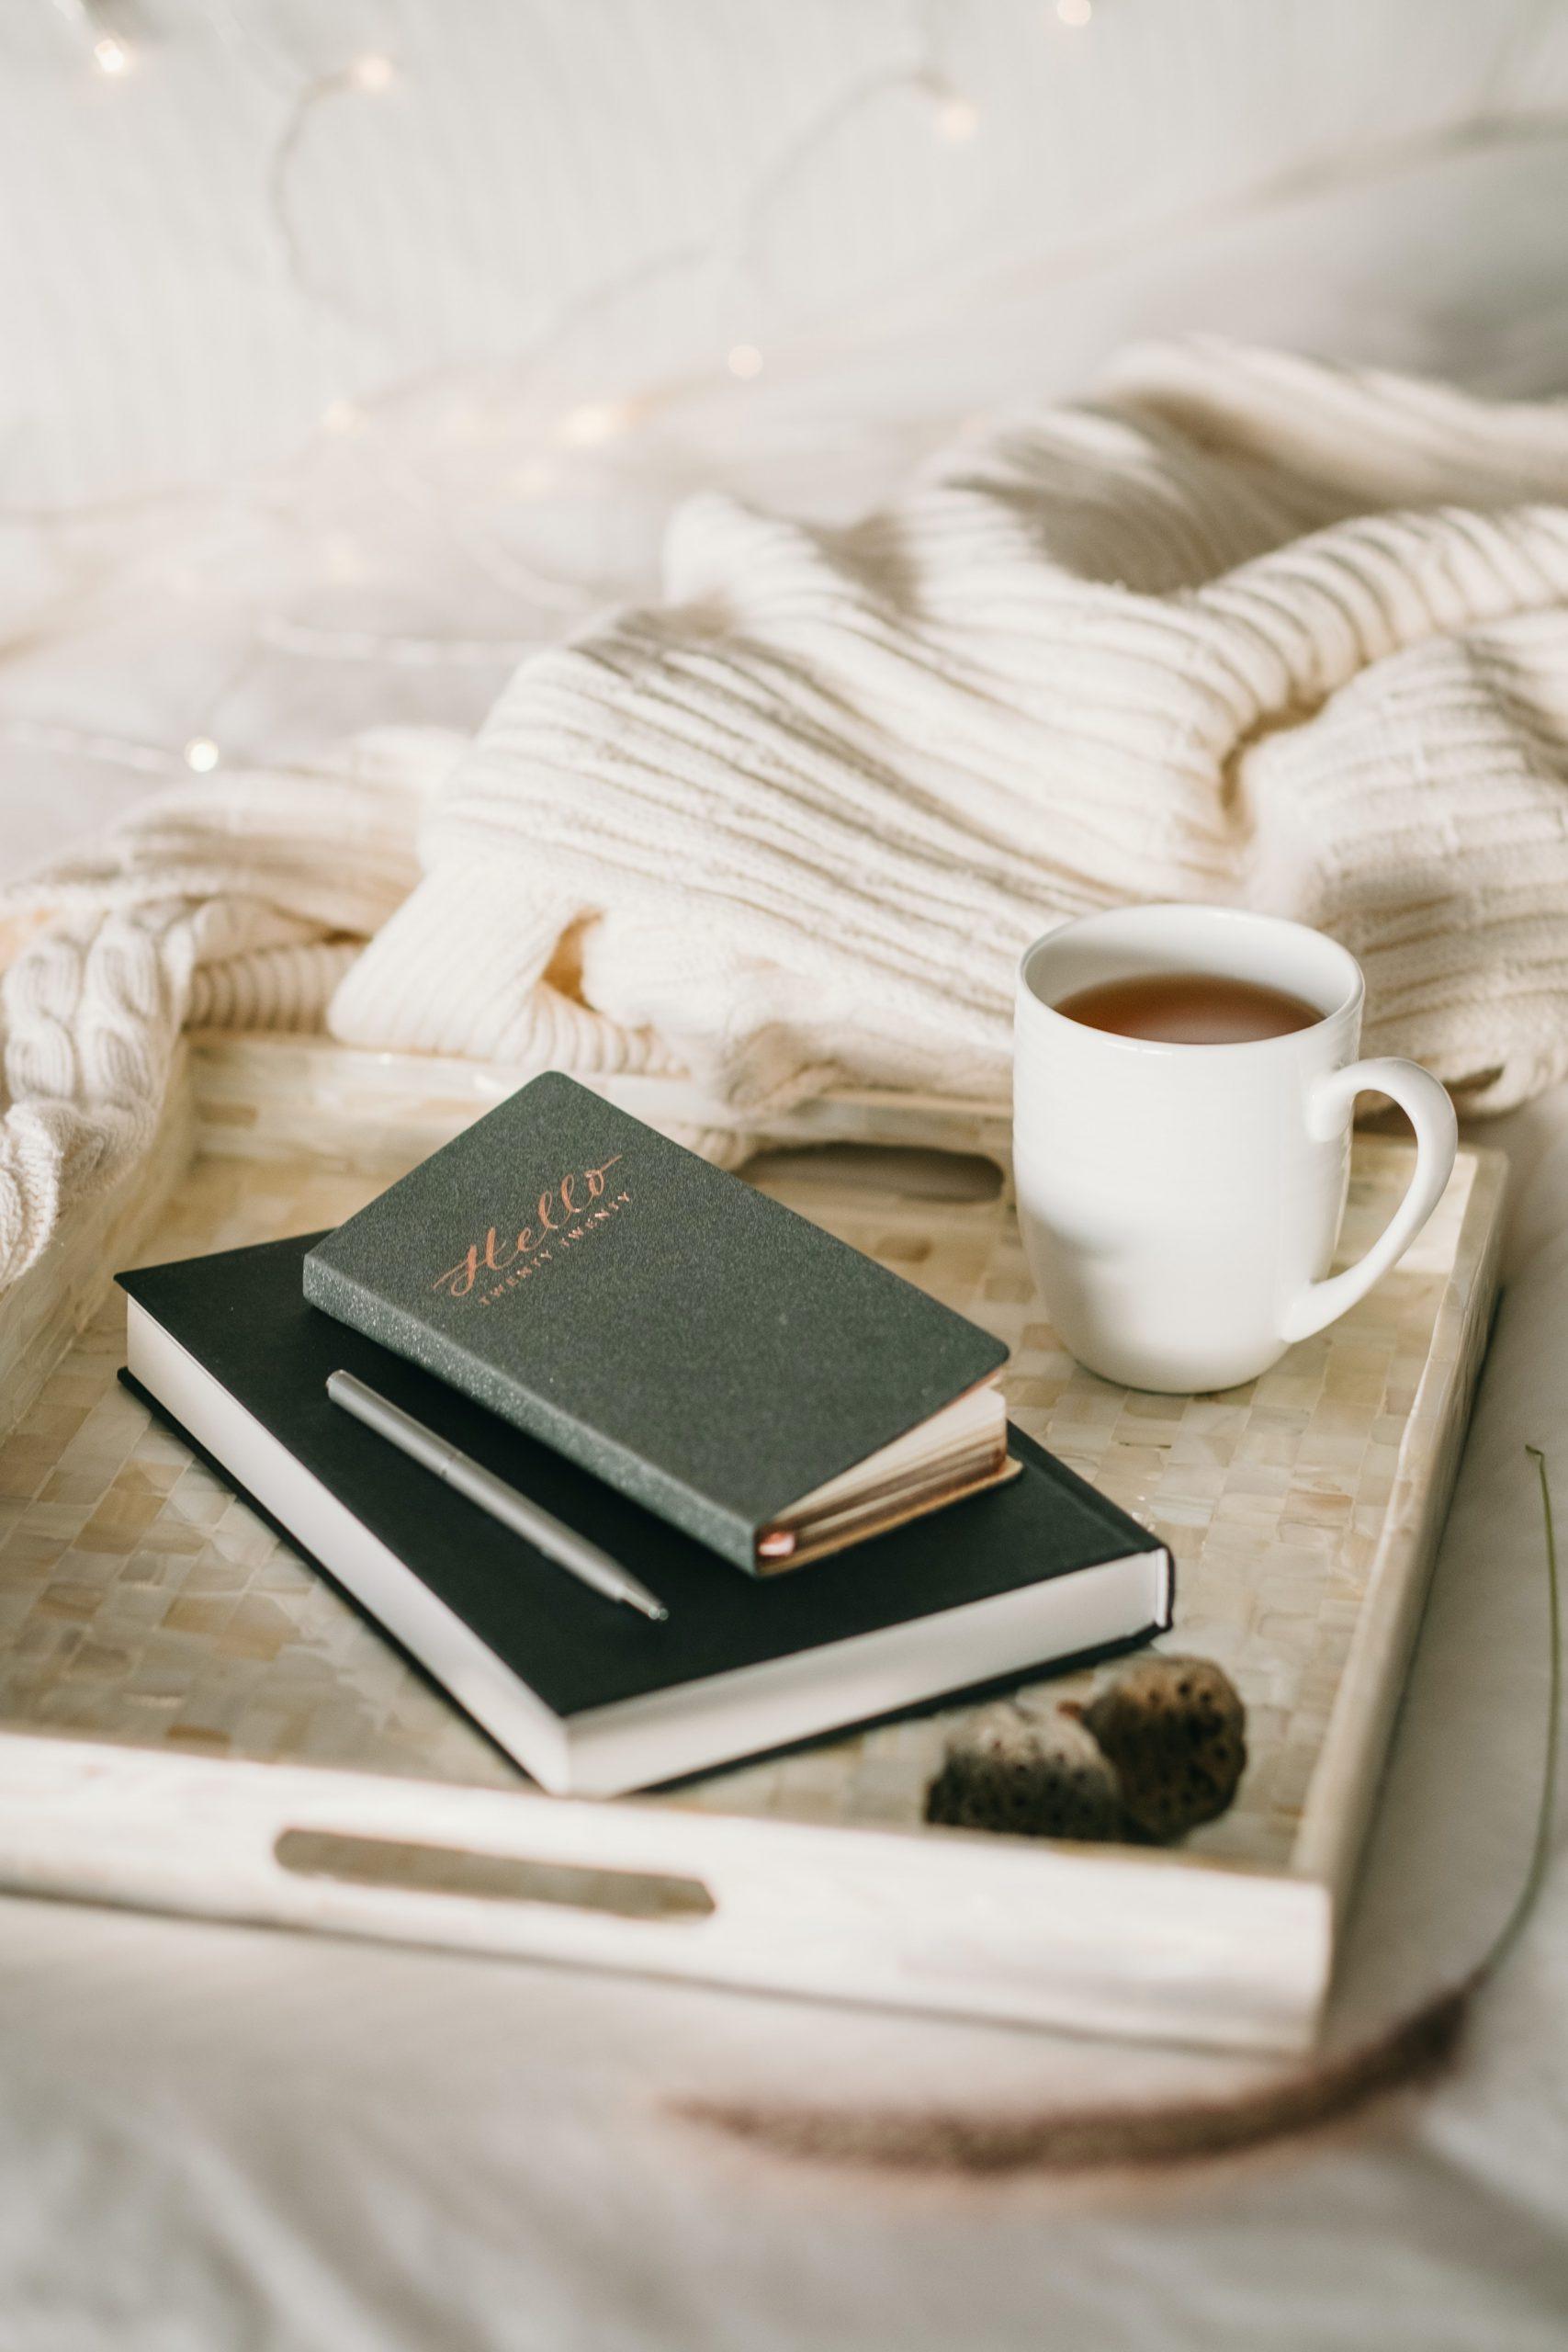 Reading Lately – February 2021